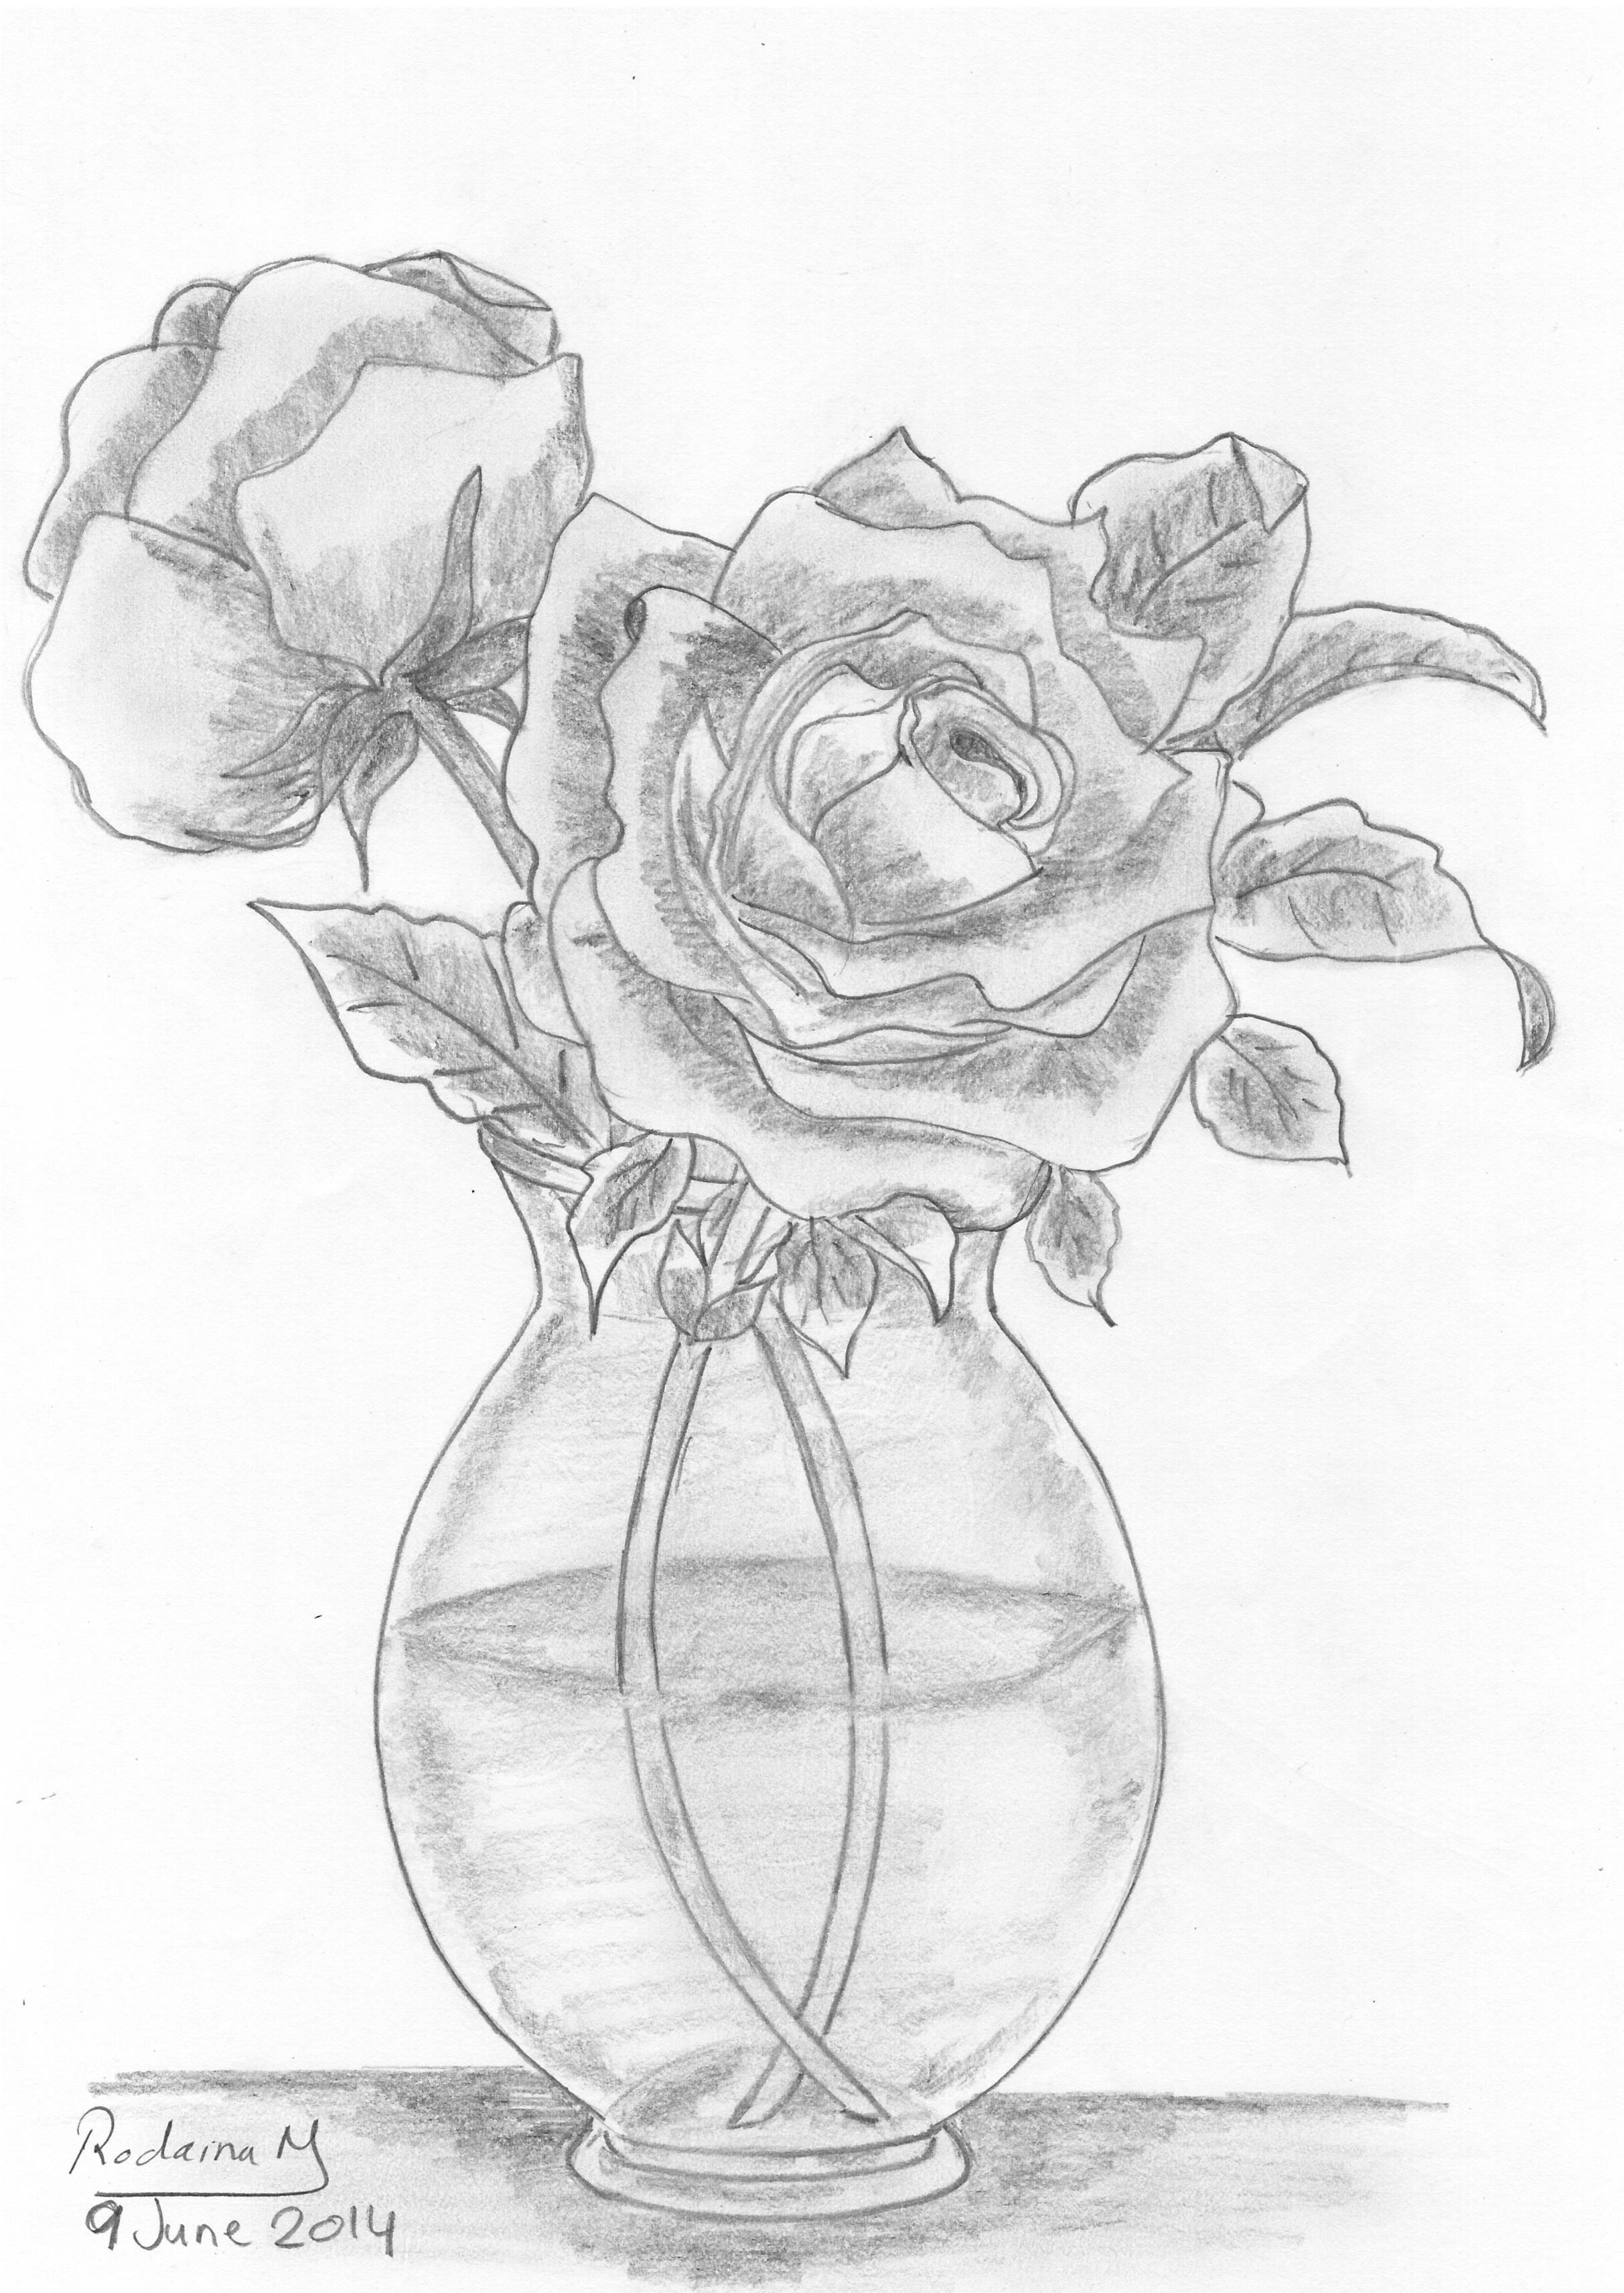 Ảnh vẽ lọ hoa hồng bằng bút chì